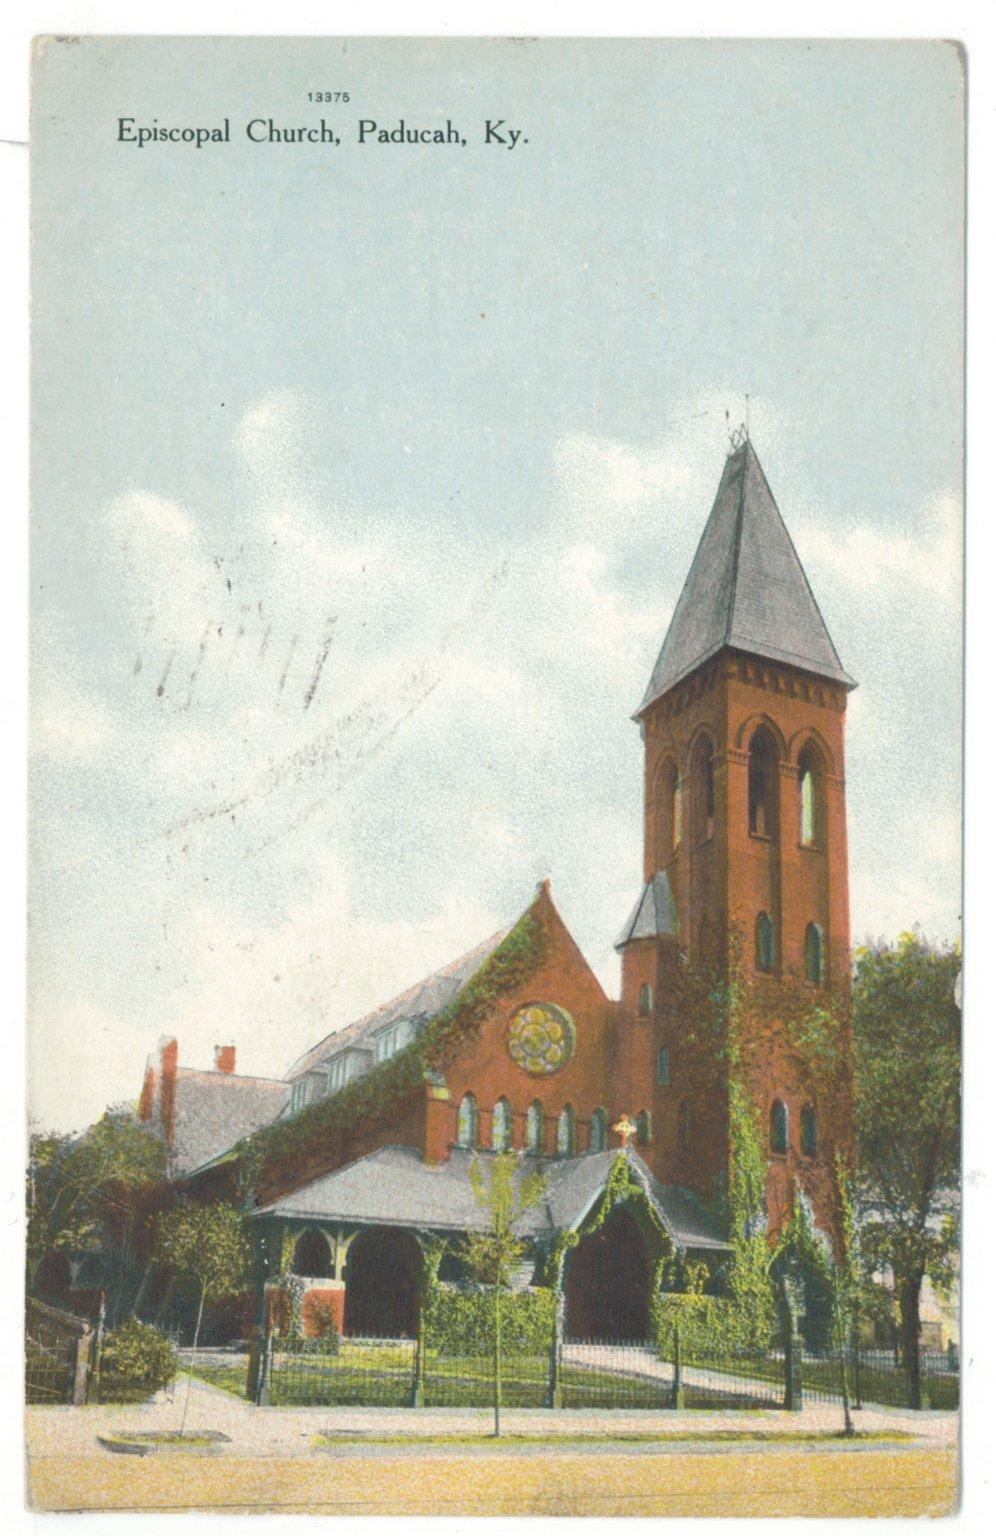 Episcopal Church, Paducah, Ky.